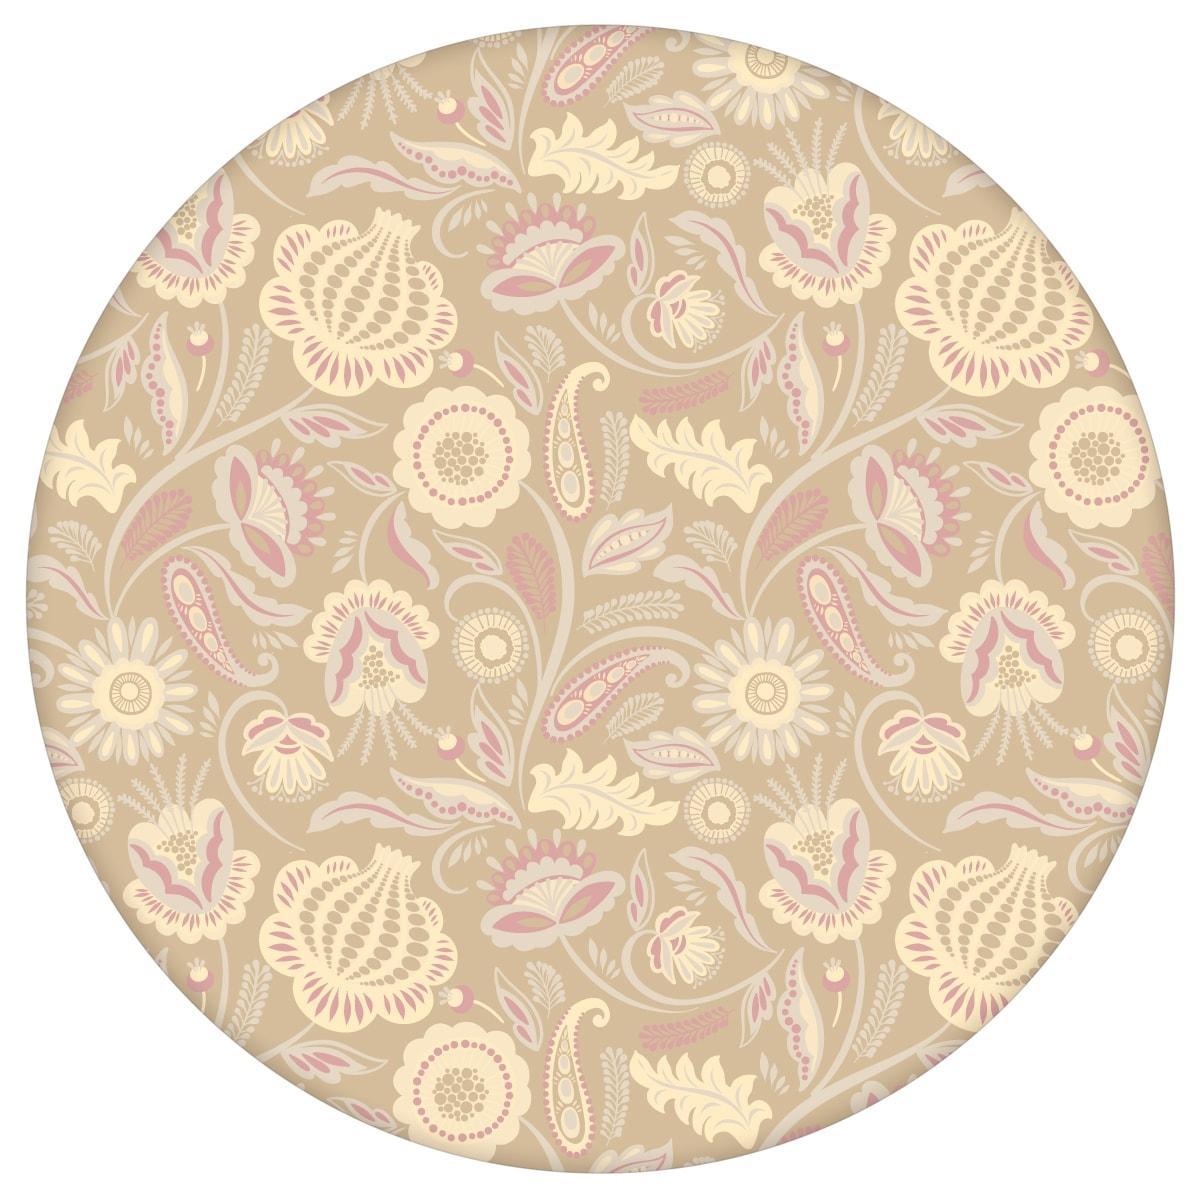 Beige Blumentapete Folklore Garten Vintage Stil, Vliestapete Blumen als Wandgestaltung